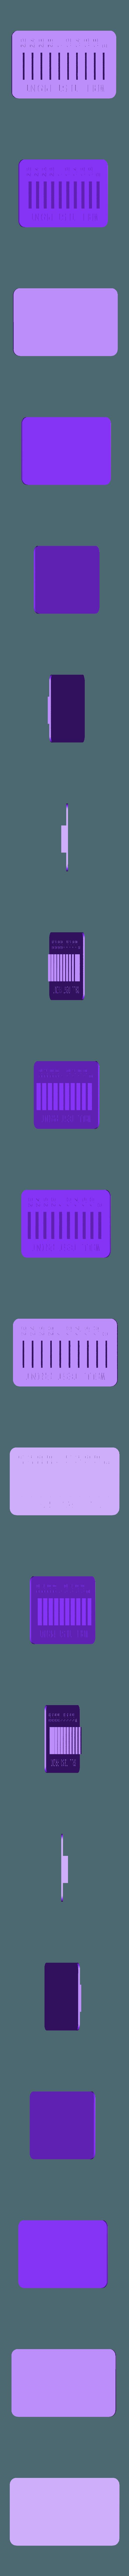 Wall_Test_Print.stl Télécharger fichier SCAD gratuit Test d'impression murale / d'espacement v2 (personnalisable) • Design pour impression 3D, WalterHsiao